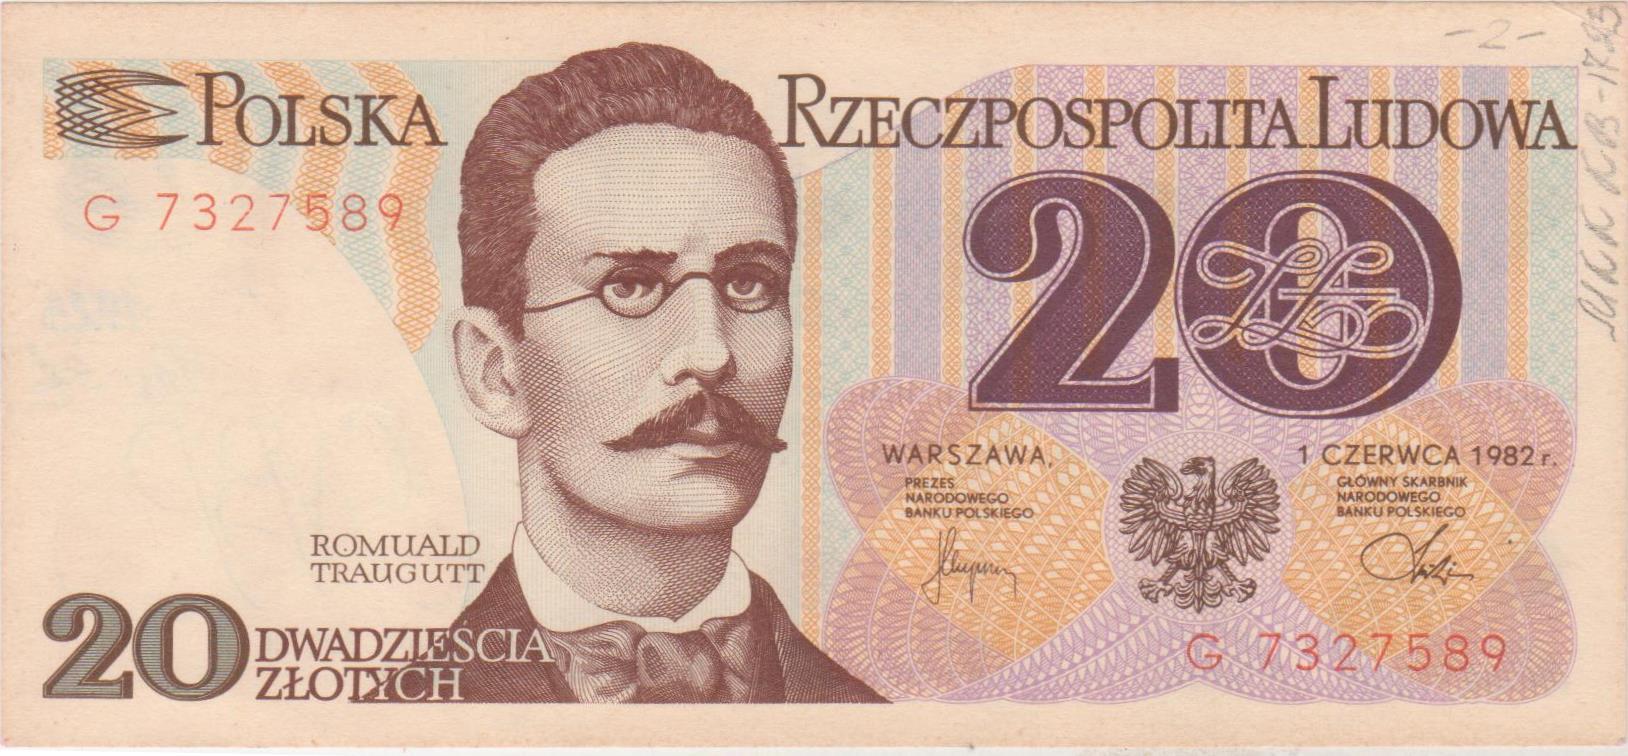 """Грошовий знак. """"20 złotych. Polska Rzeczpospolita Ludowa"""""""